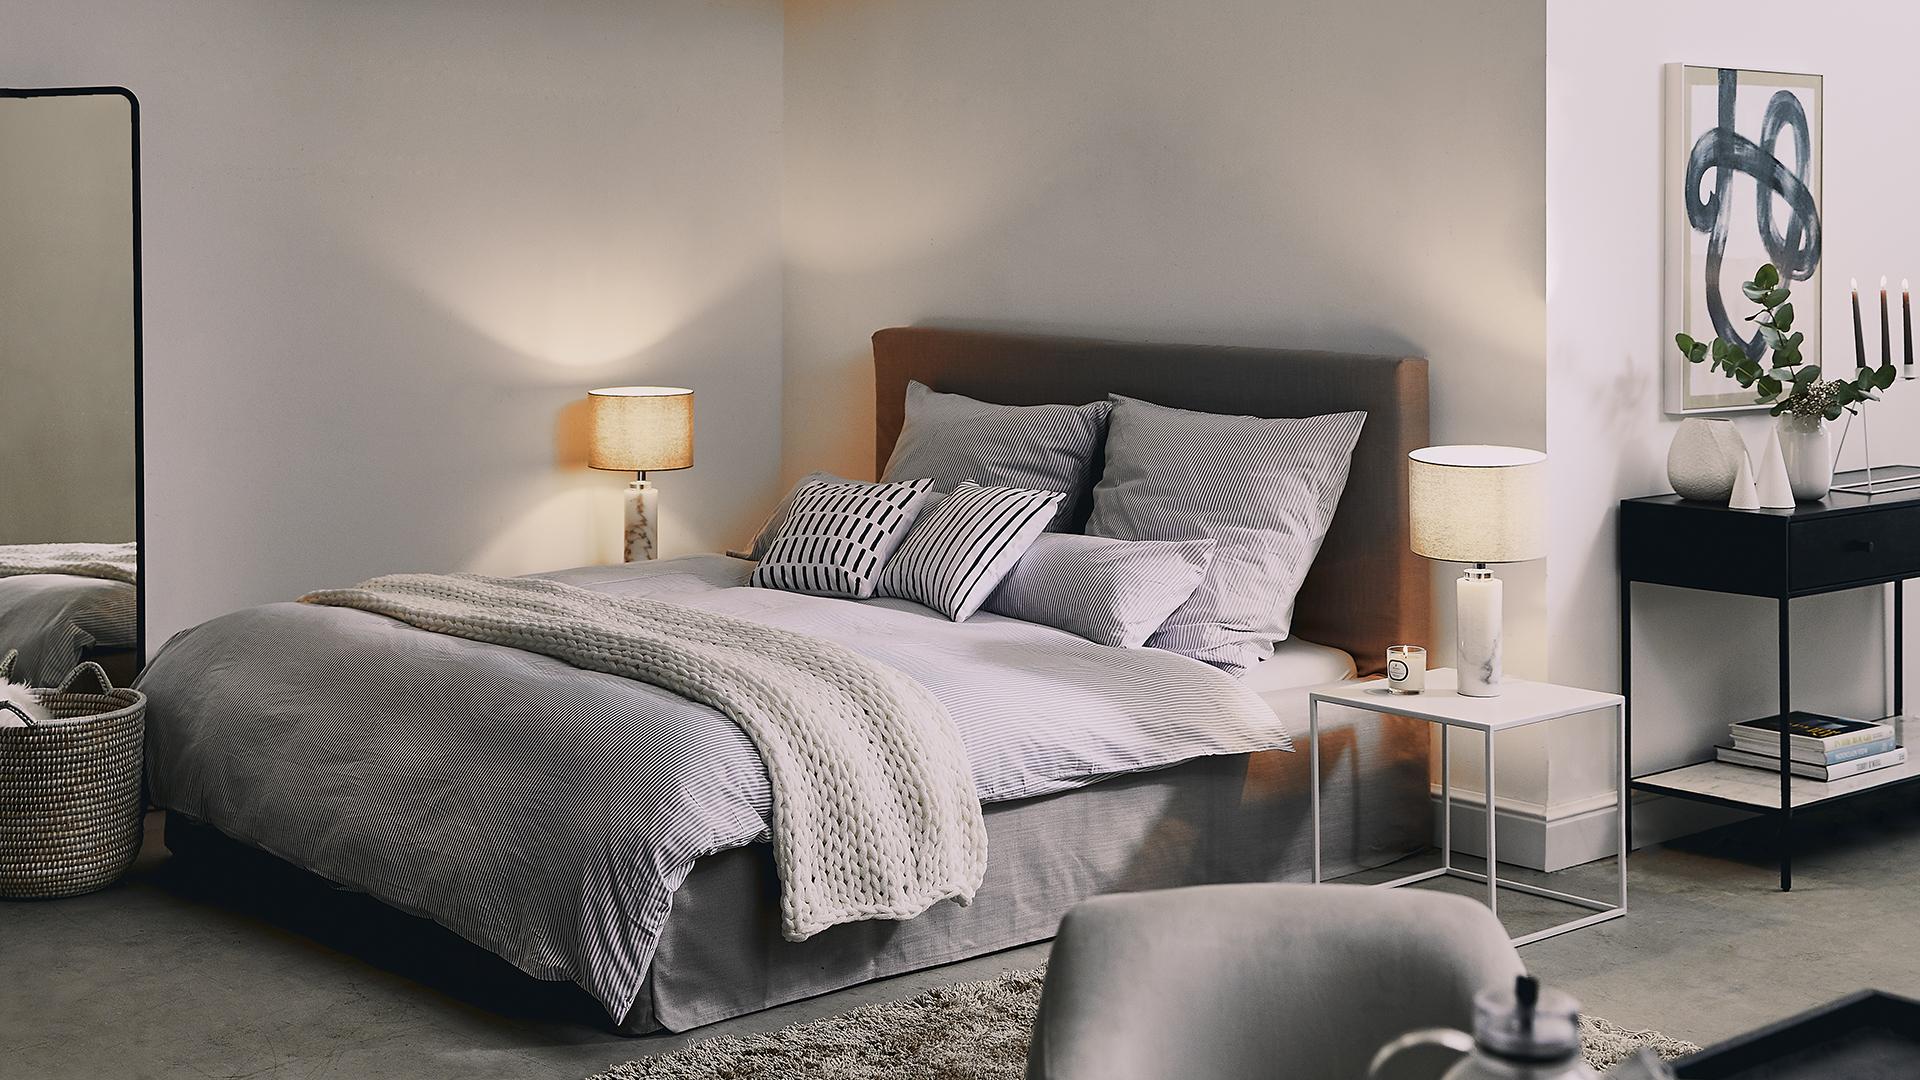 Slaapkamer in grijs